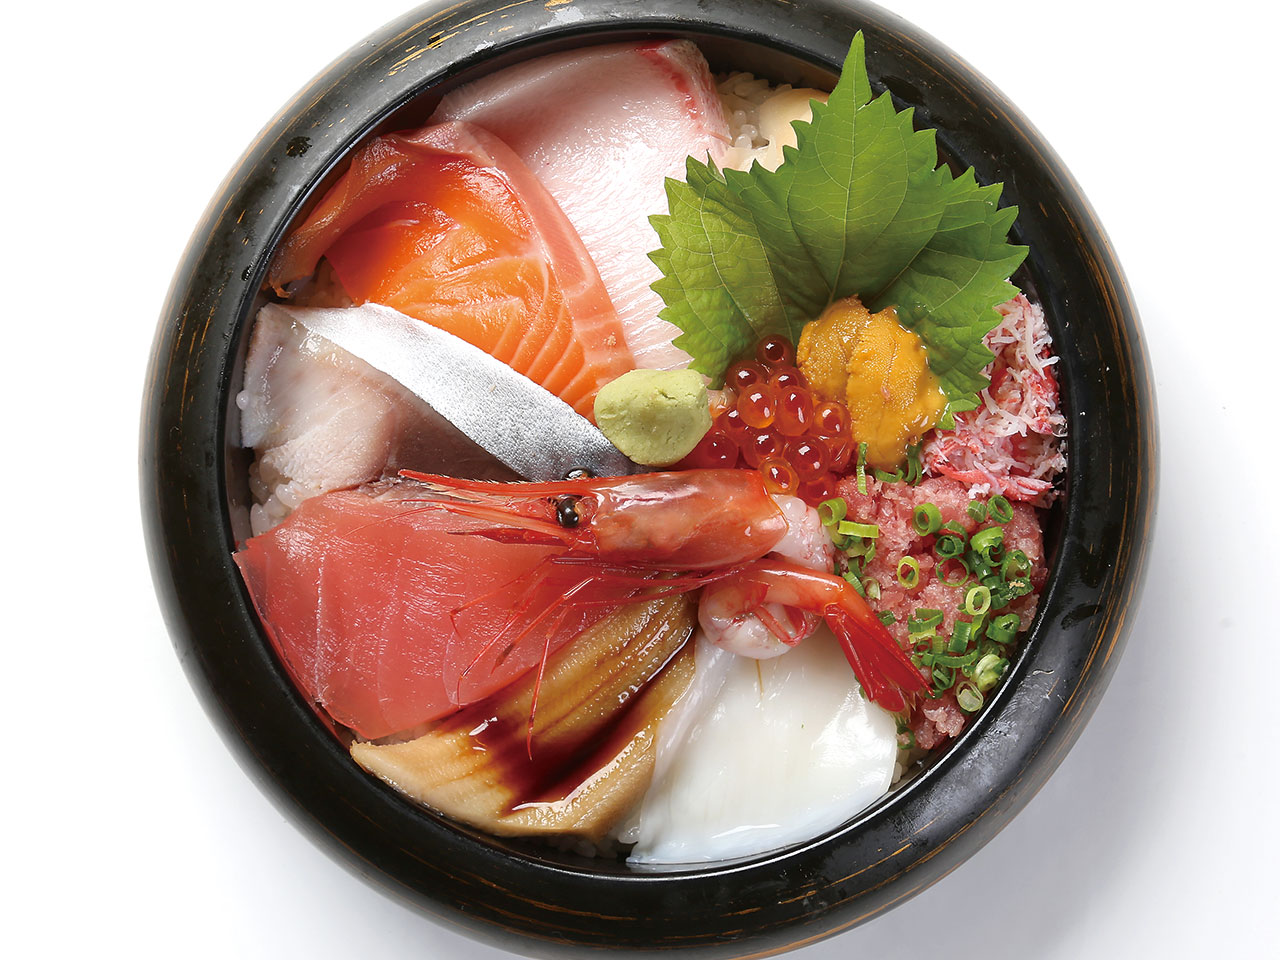 海鮮物がおいしい金沢!海鮮丼が食べられるおすすめのお店は?のサムネイル画像